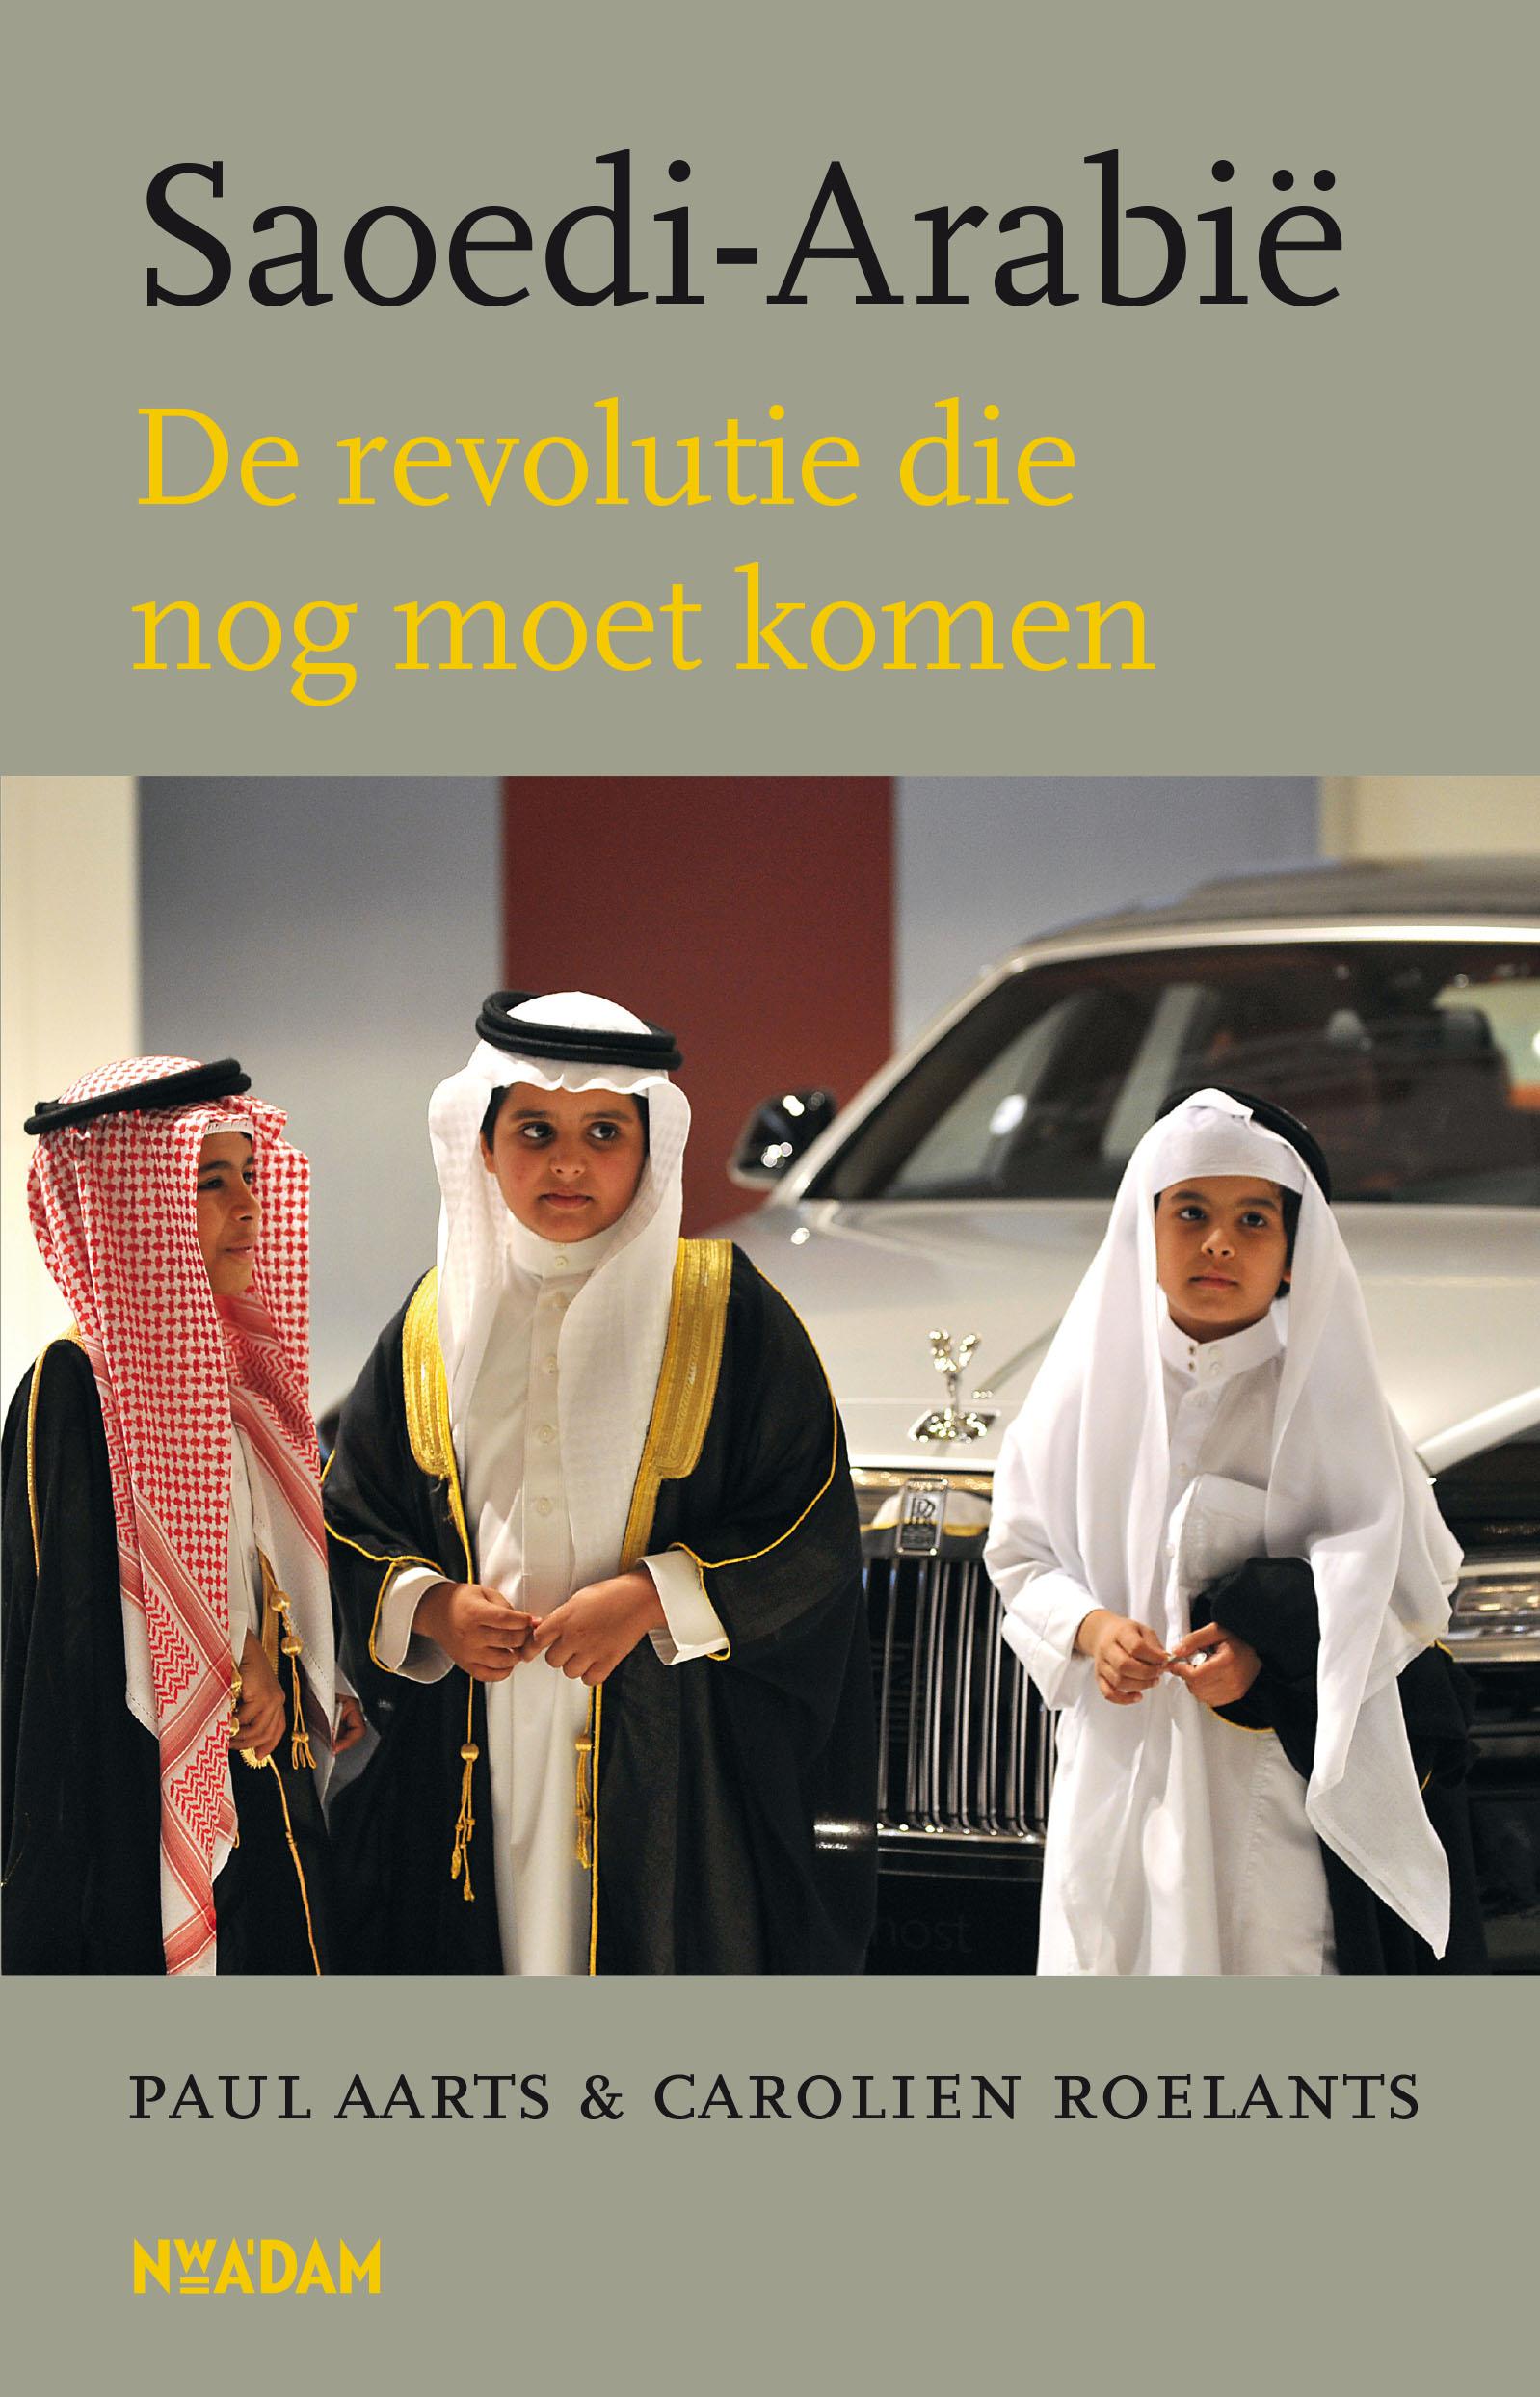 Saoedi-Arabië – Carolien Roelants en Paul Aarts